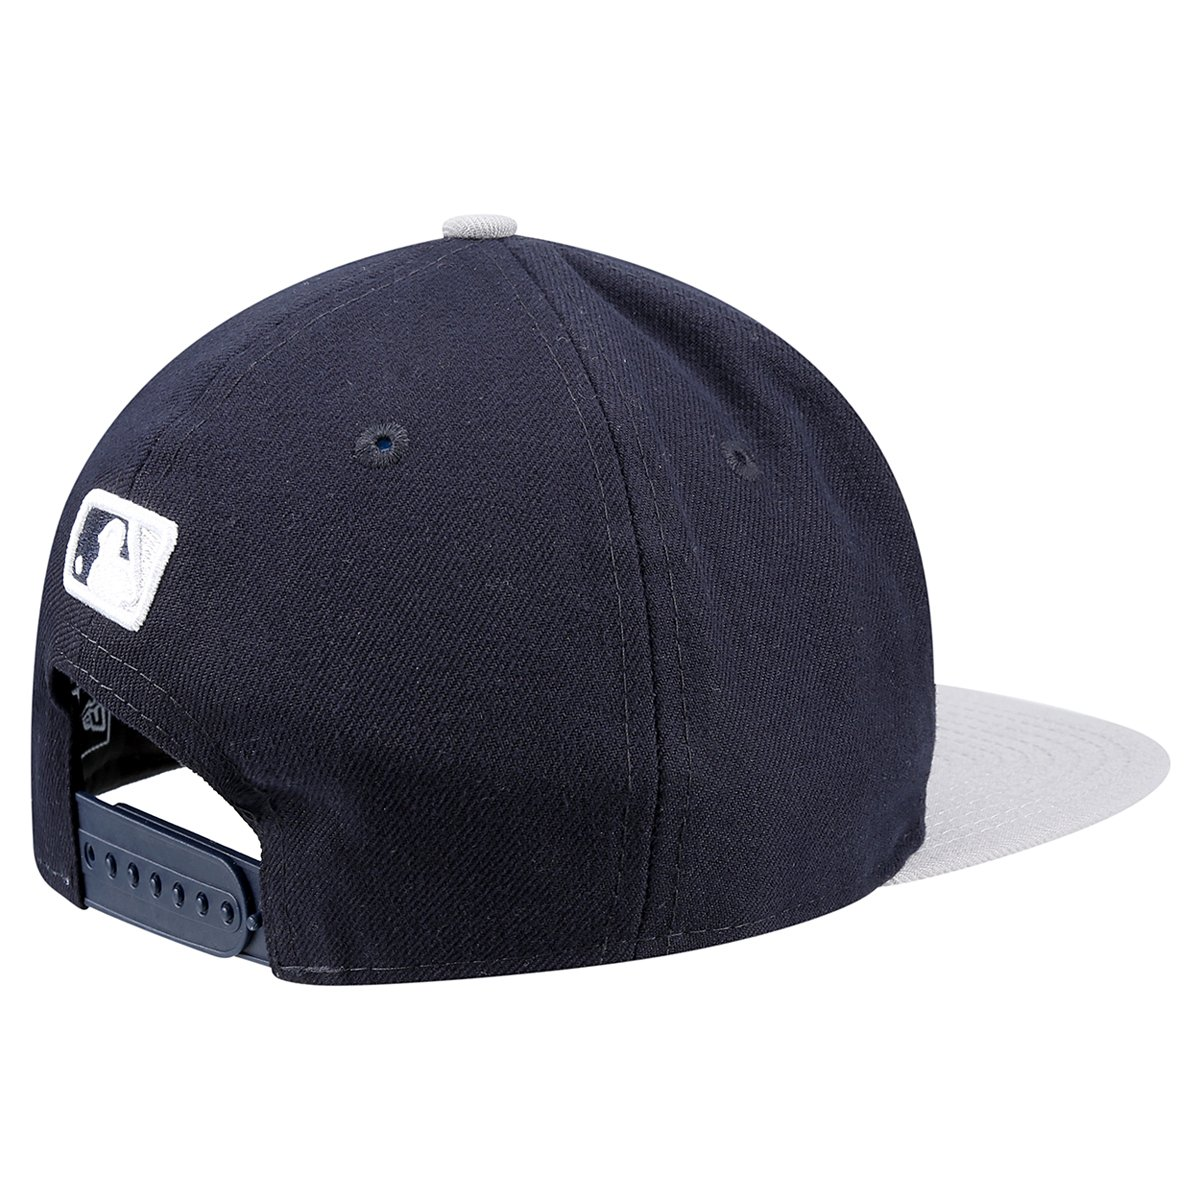 Boné New Era 950 MLB Original Fit New York Yankees Juvenil - Compre ... c6f090e4a1f